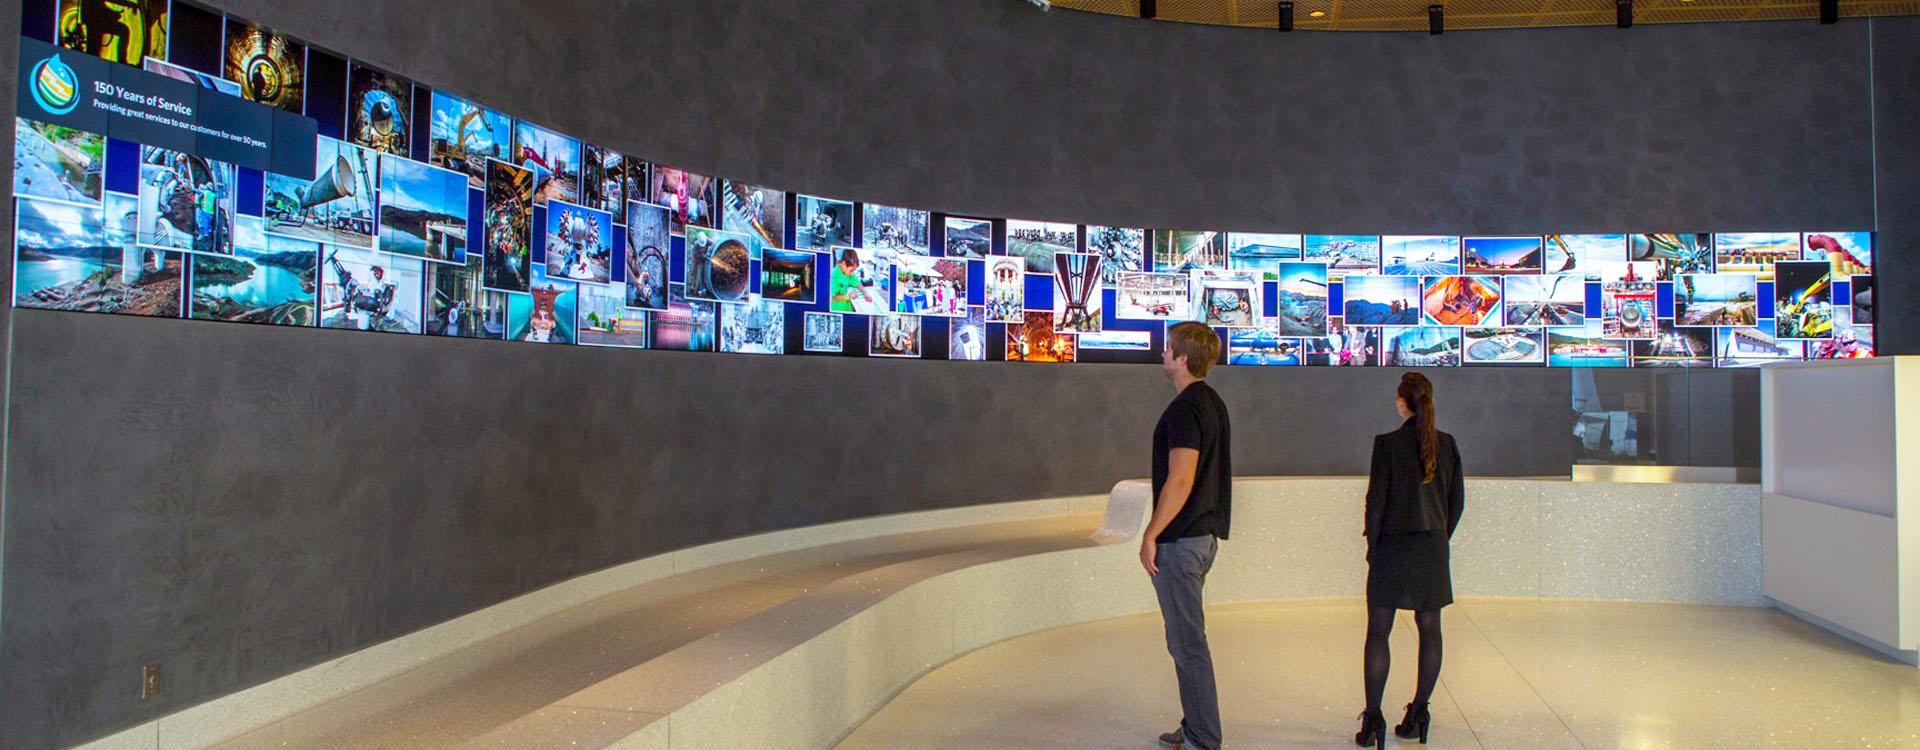 مشاوره ، طراحی و اجرای سيستم های نمایش تصویر ویدئو وال ( Video Wall ) جهت سالن های آمفی تئاتر ، کنفرانس ، مجتمع های تجاری و ...